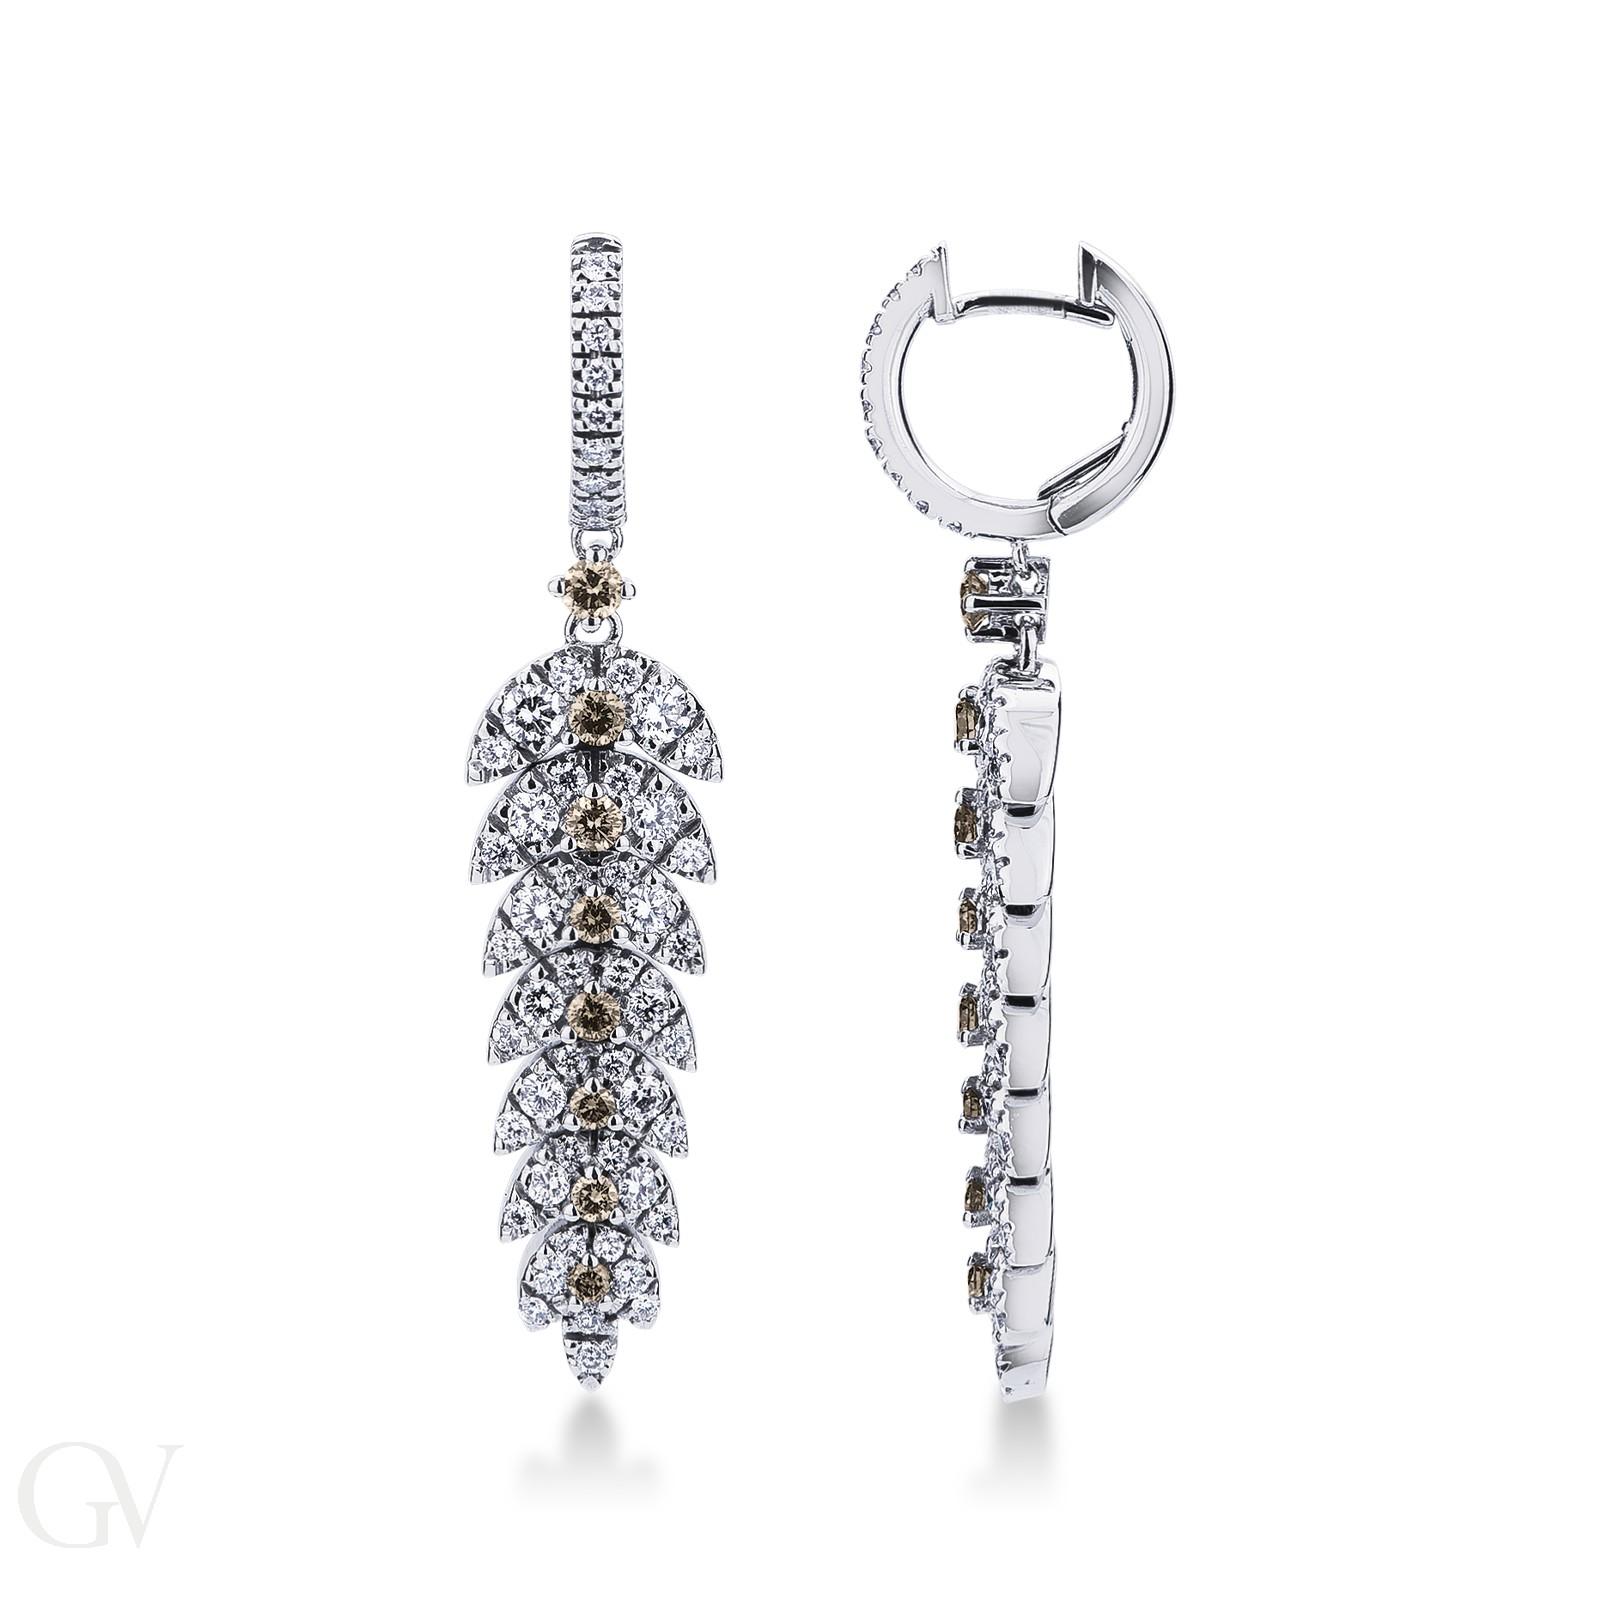 Orecchini con pendenti a piuma in oro bianco 18k con diamanti bianchi e brown.